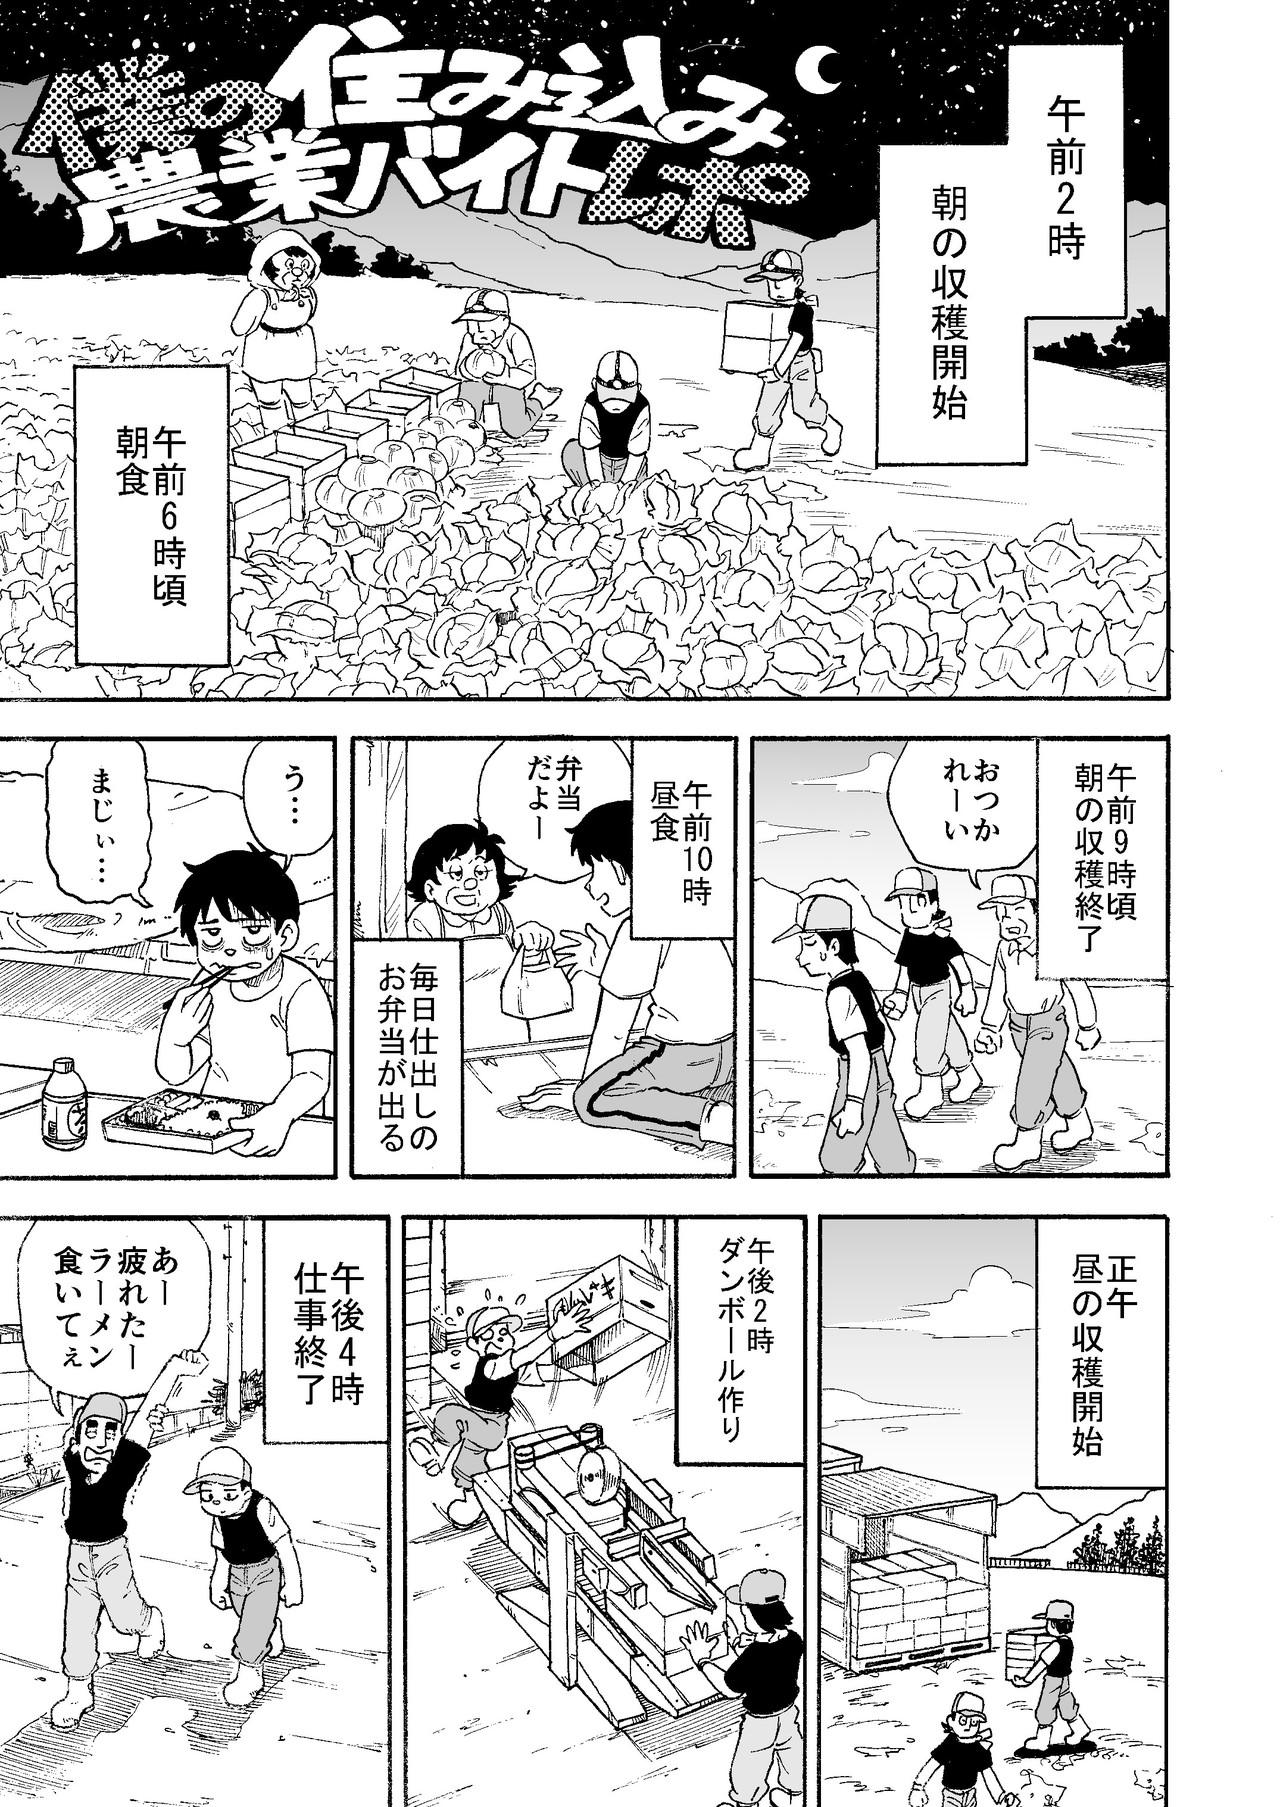 嬬恋日記___1_